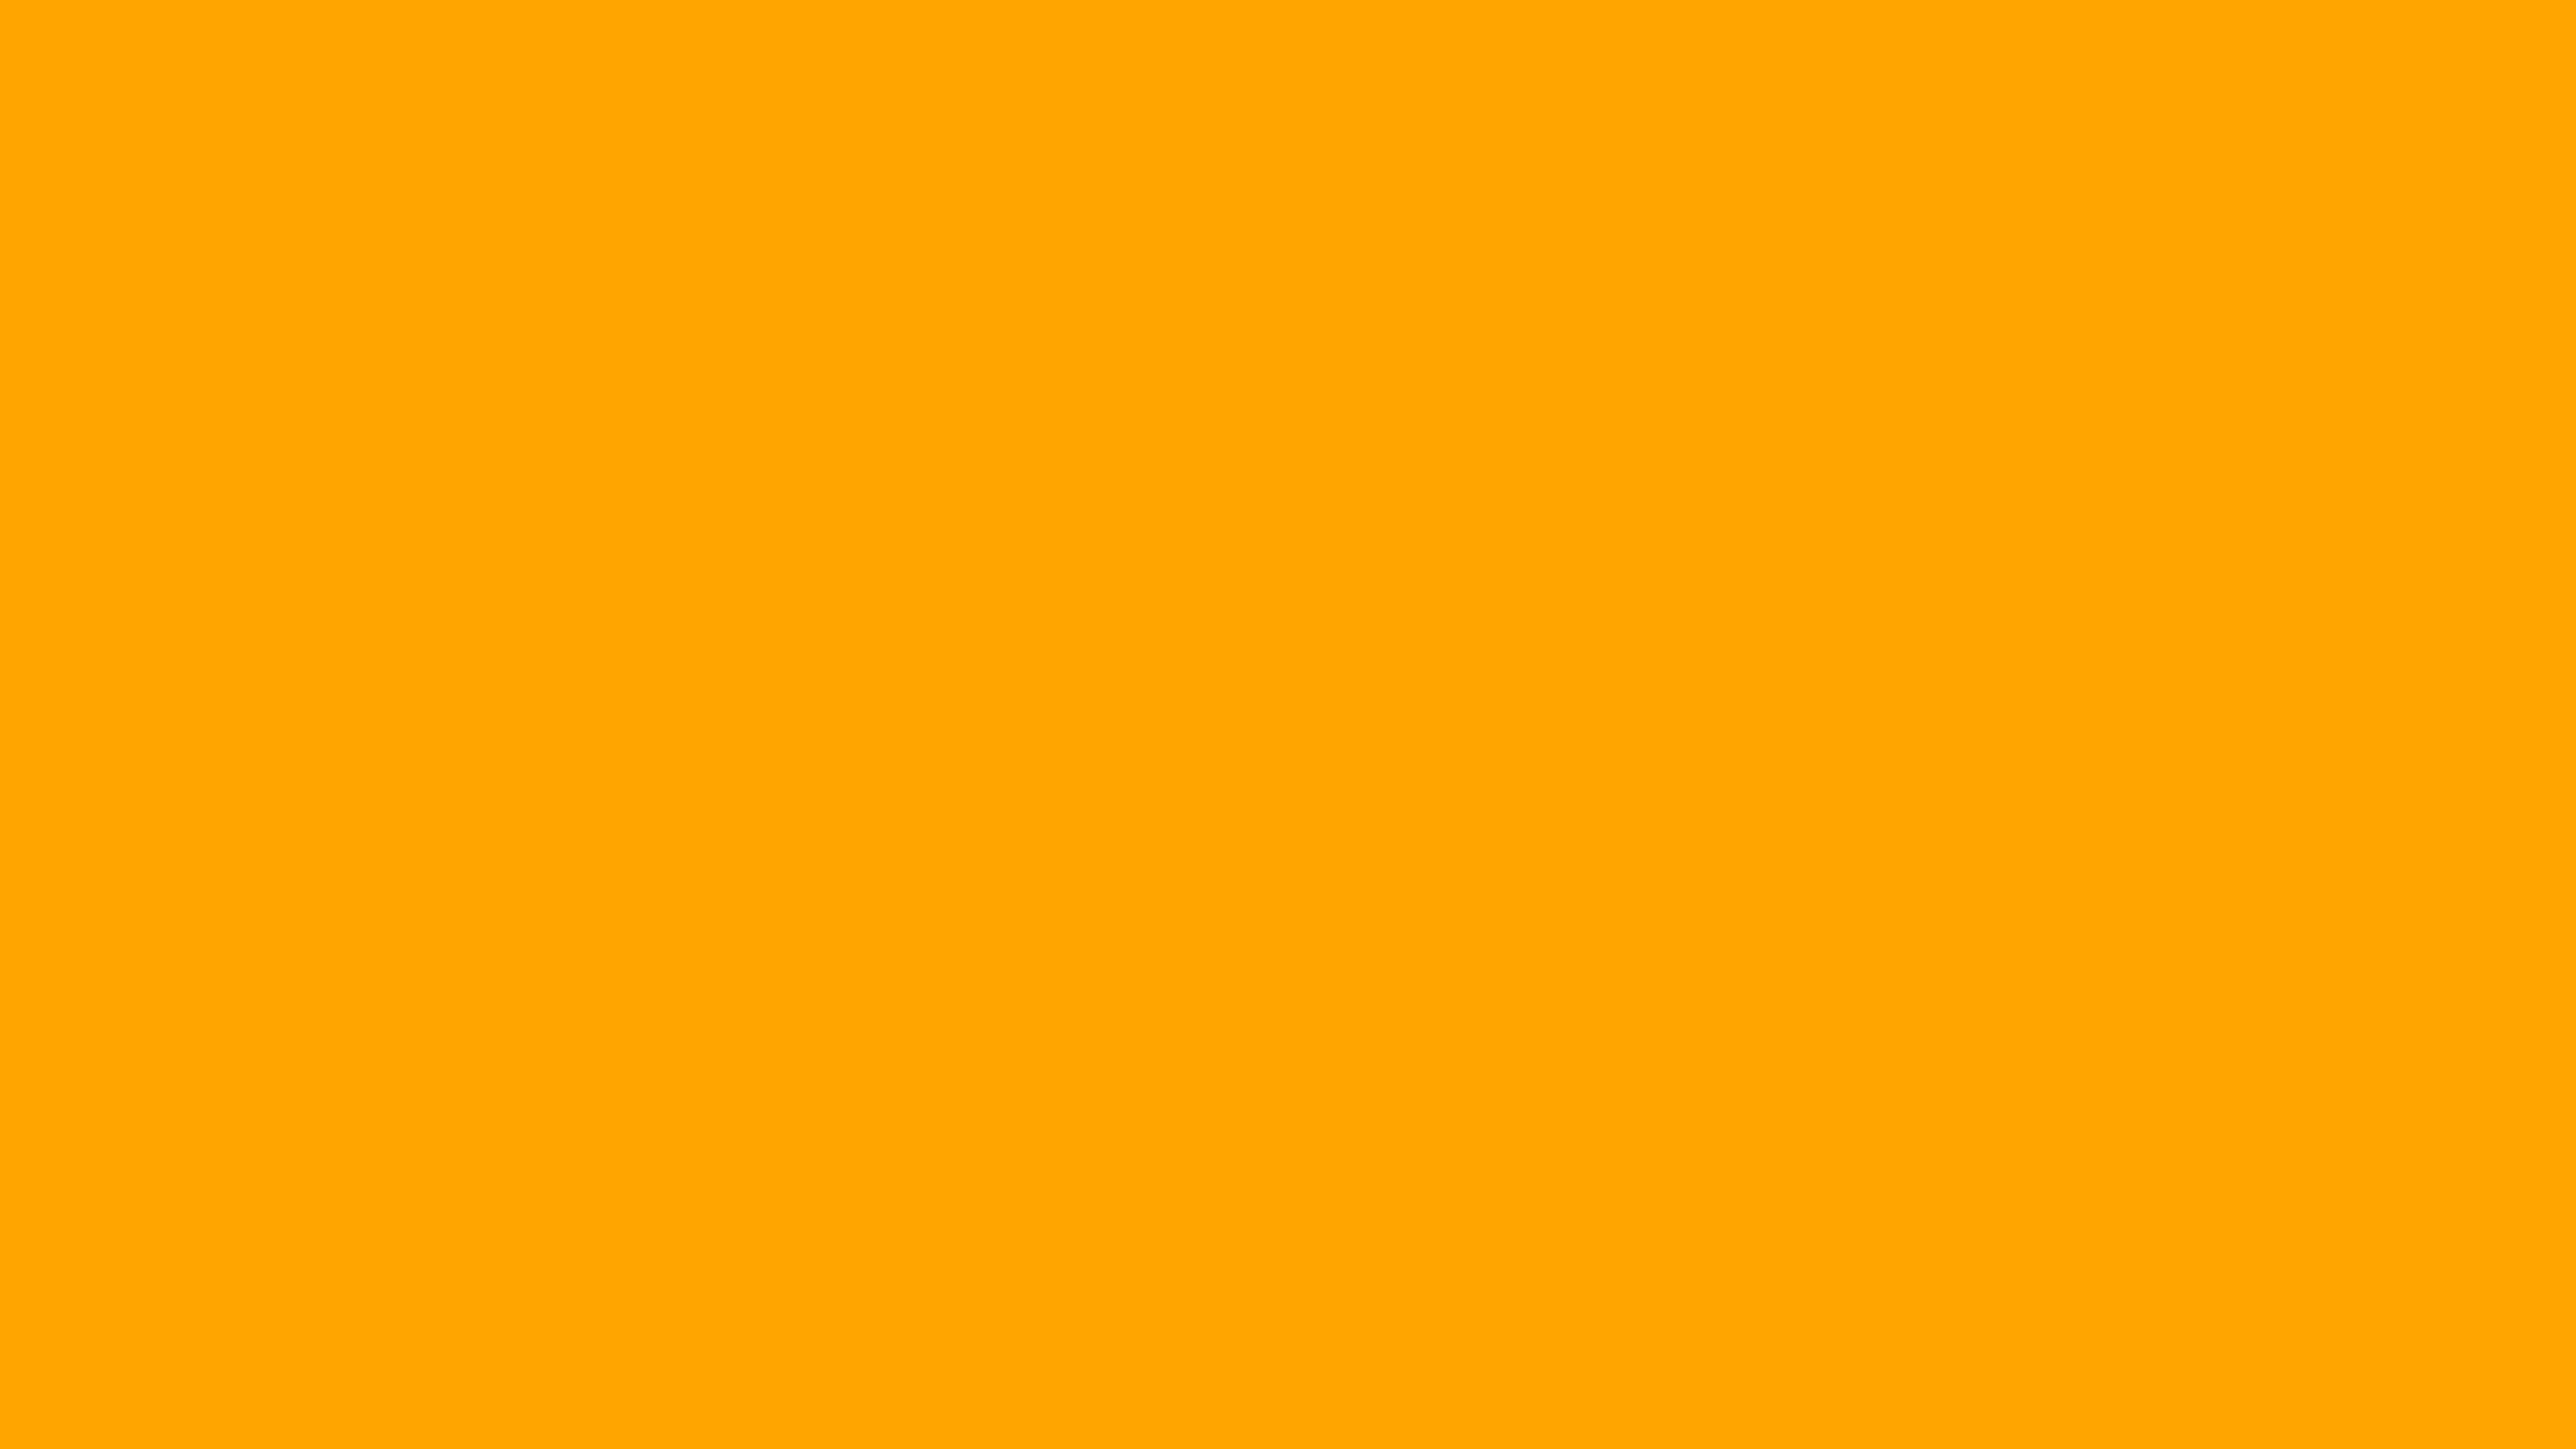 5120x2880 Orange Web Solid Color Background